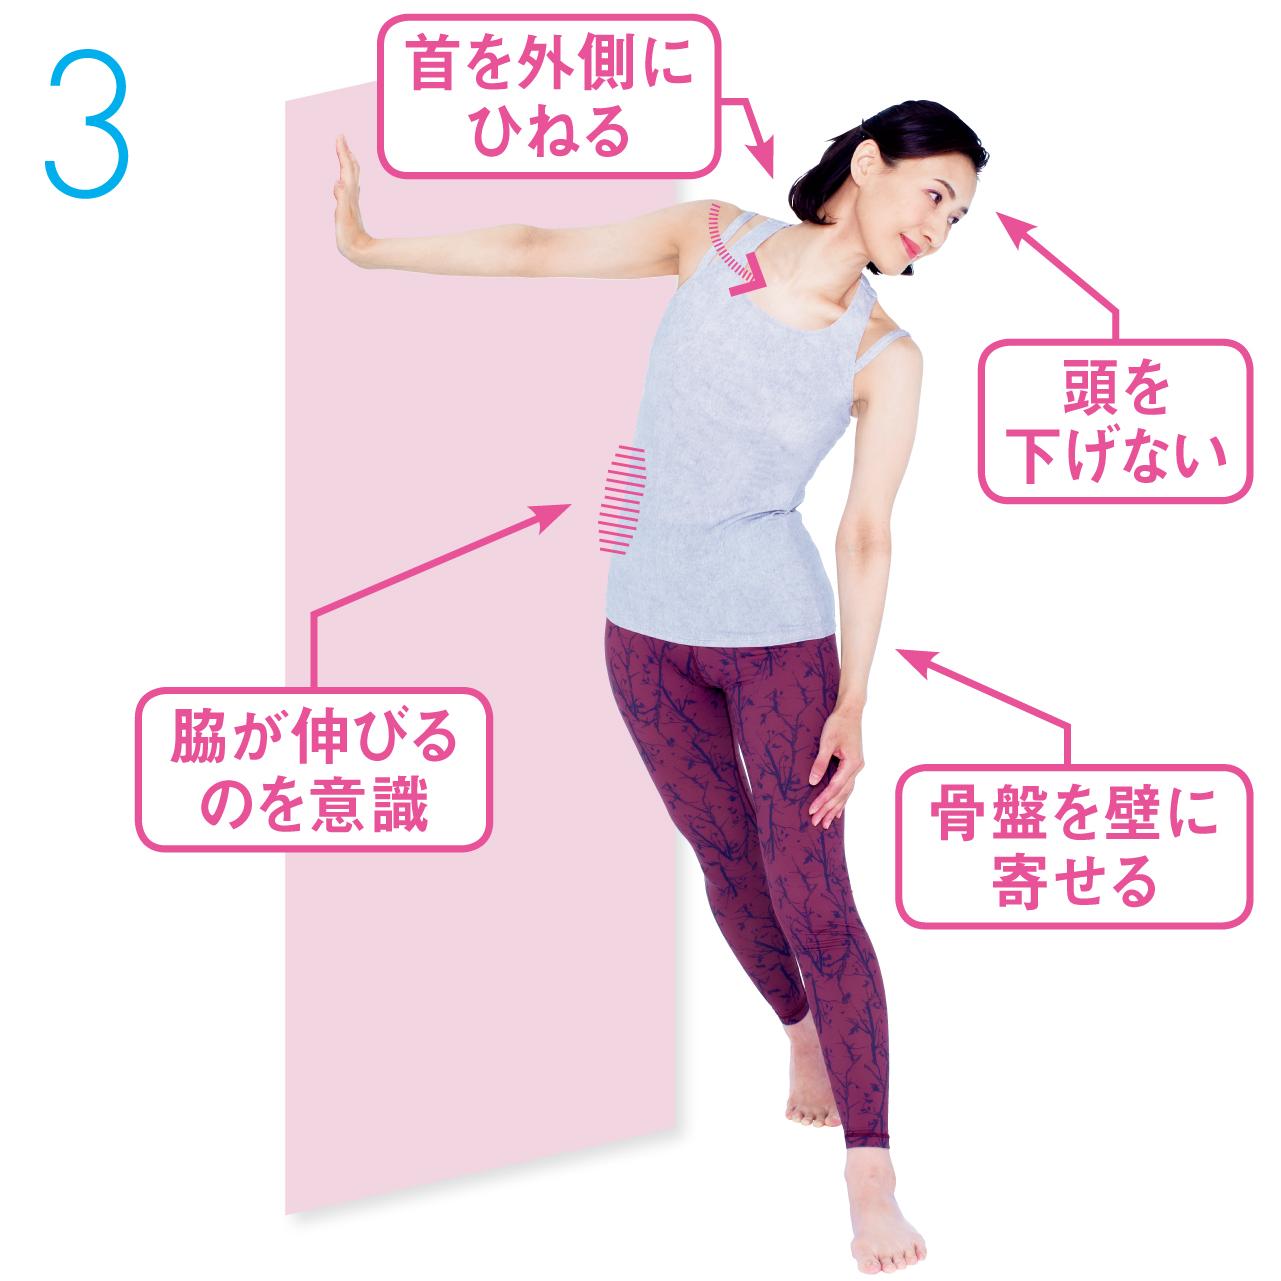 2の姿勢を保ちながら、首を壁と反対方向にひねります。脇腹の筋肉が伸びているのを感じながら、30秒キープ。反対側も同様に